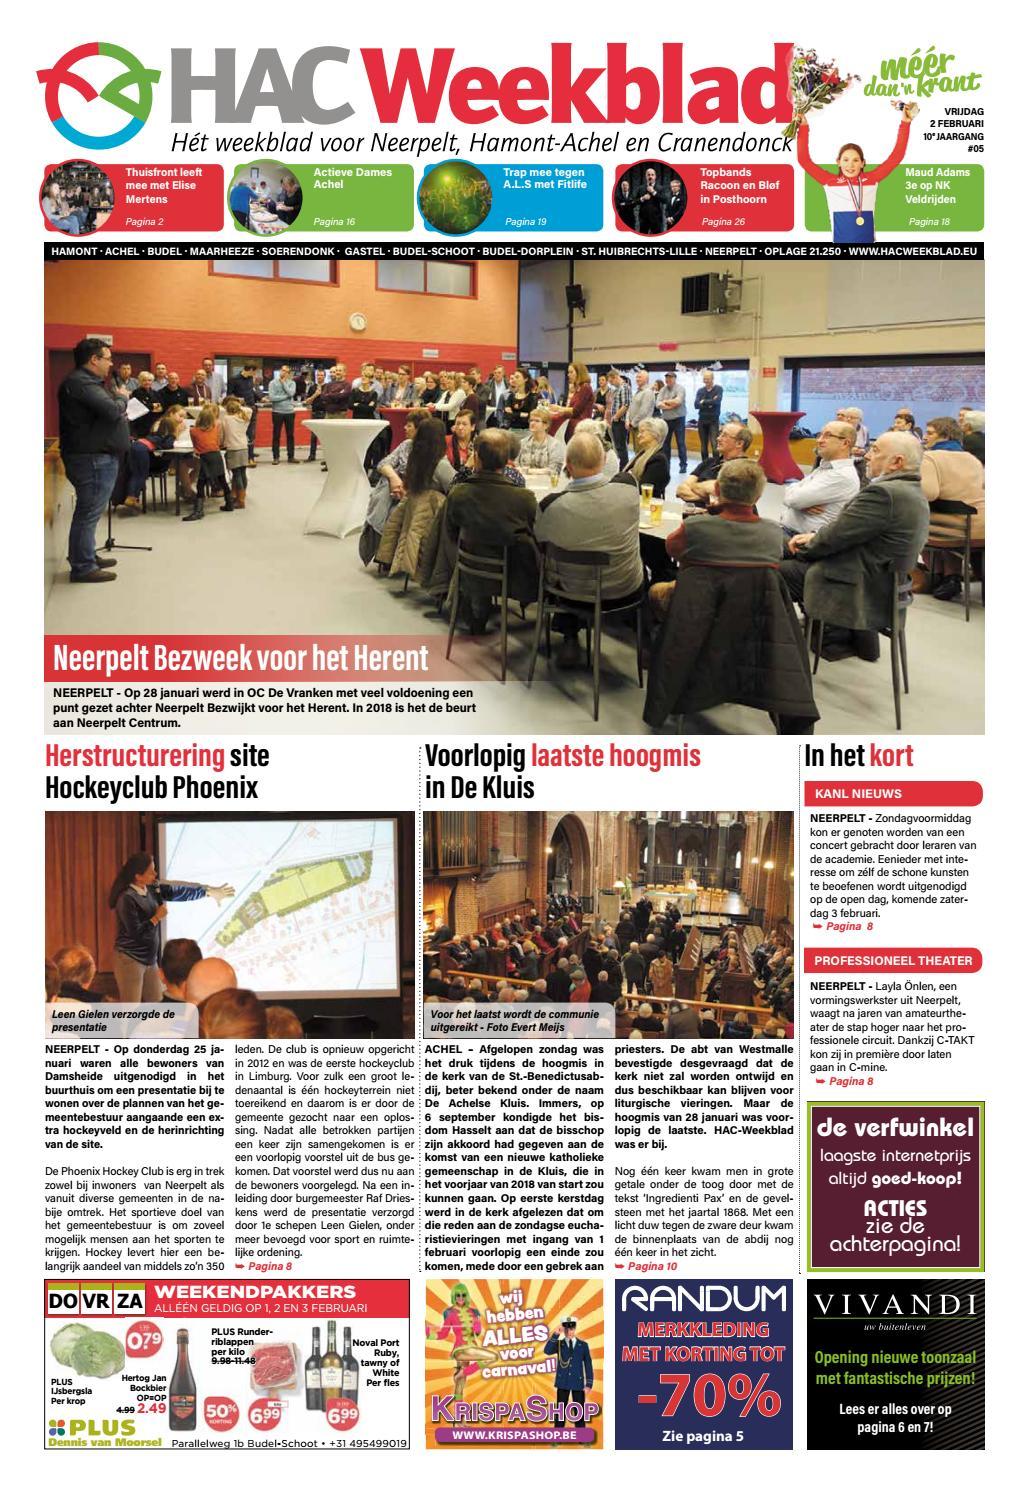 HAC Neerpelt week 05 2018 by HAC Weekblad issuu